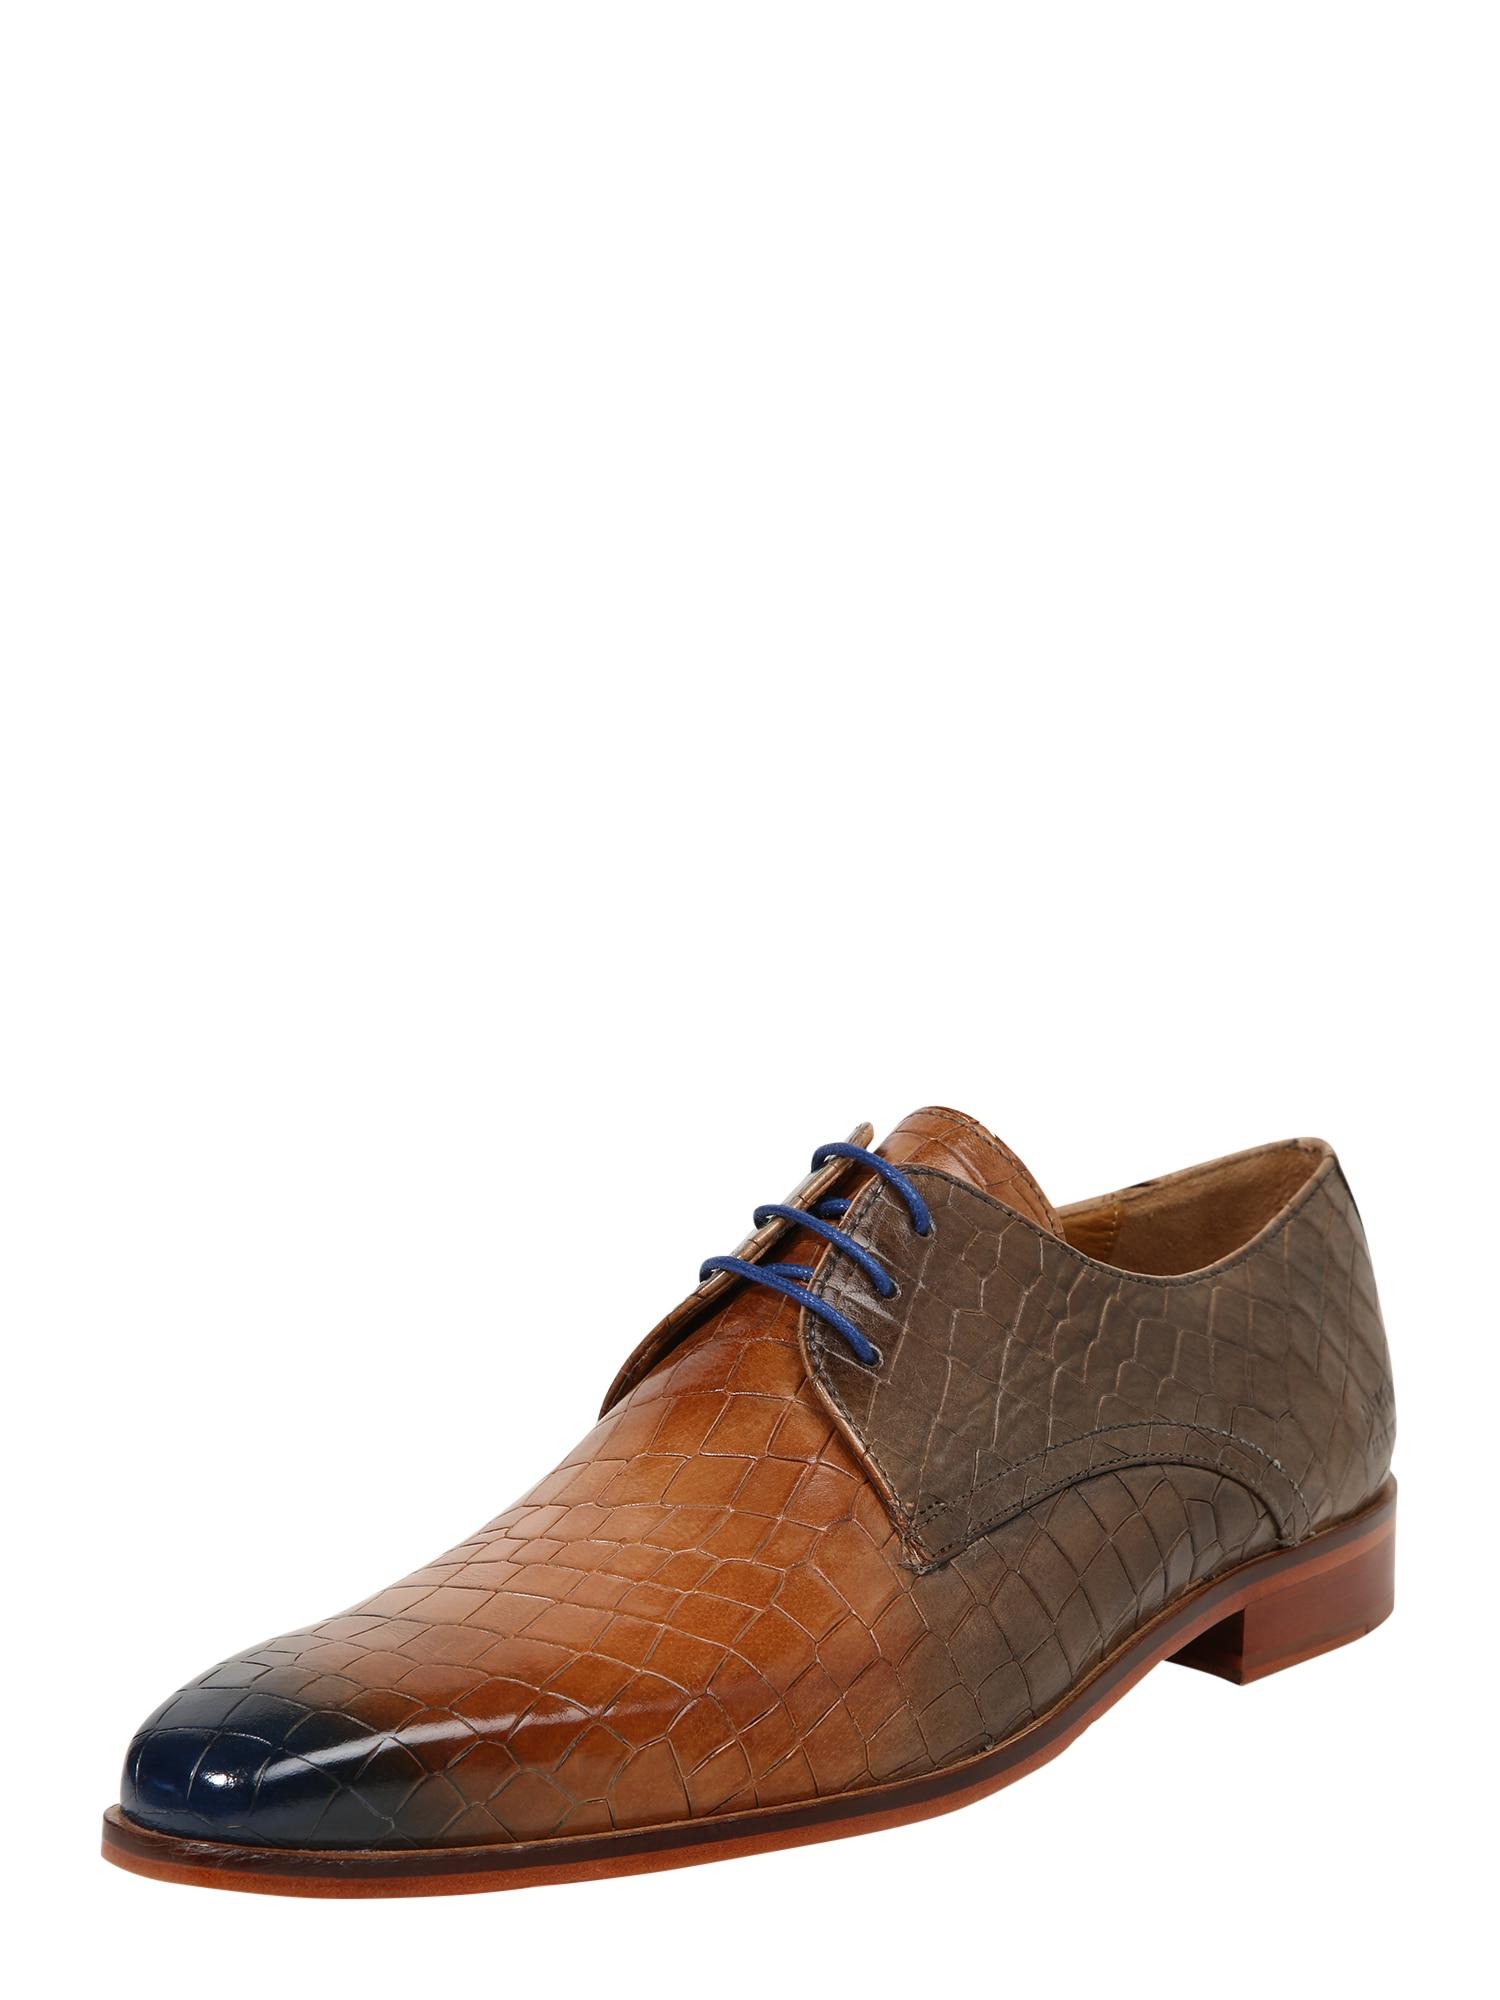 Šněrovací boty Lance 24 hnědá MELVIN & HAMILTON